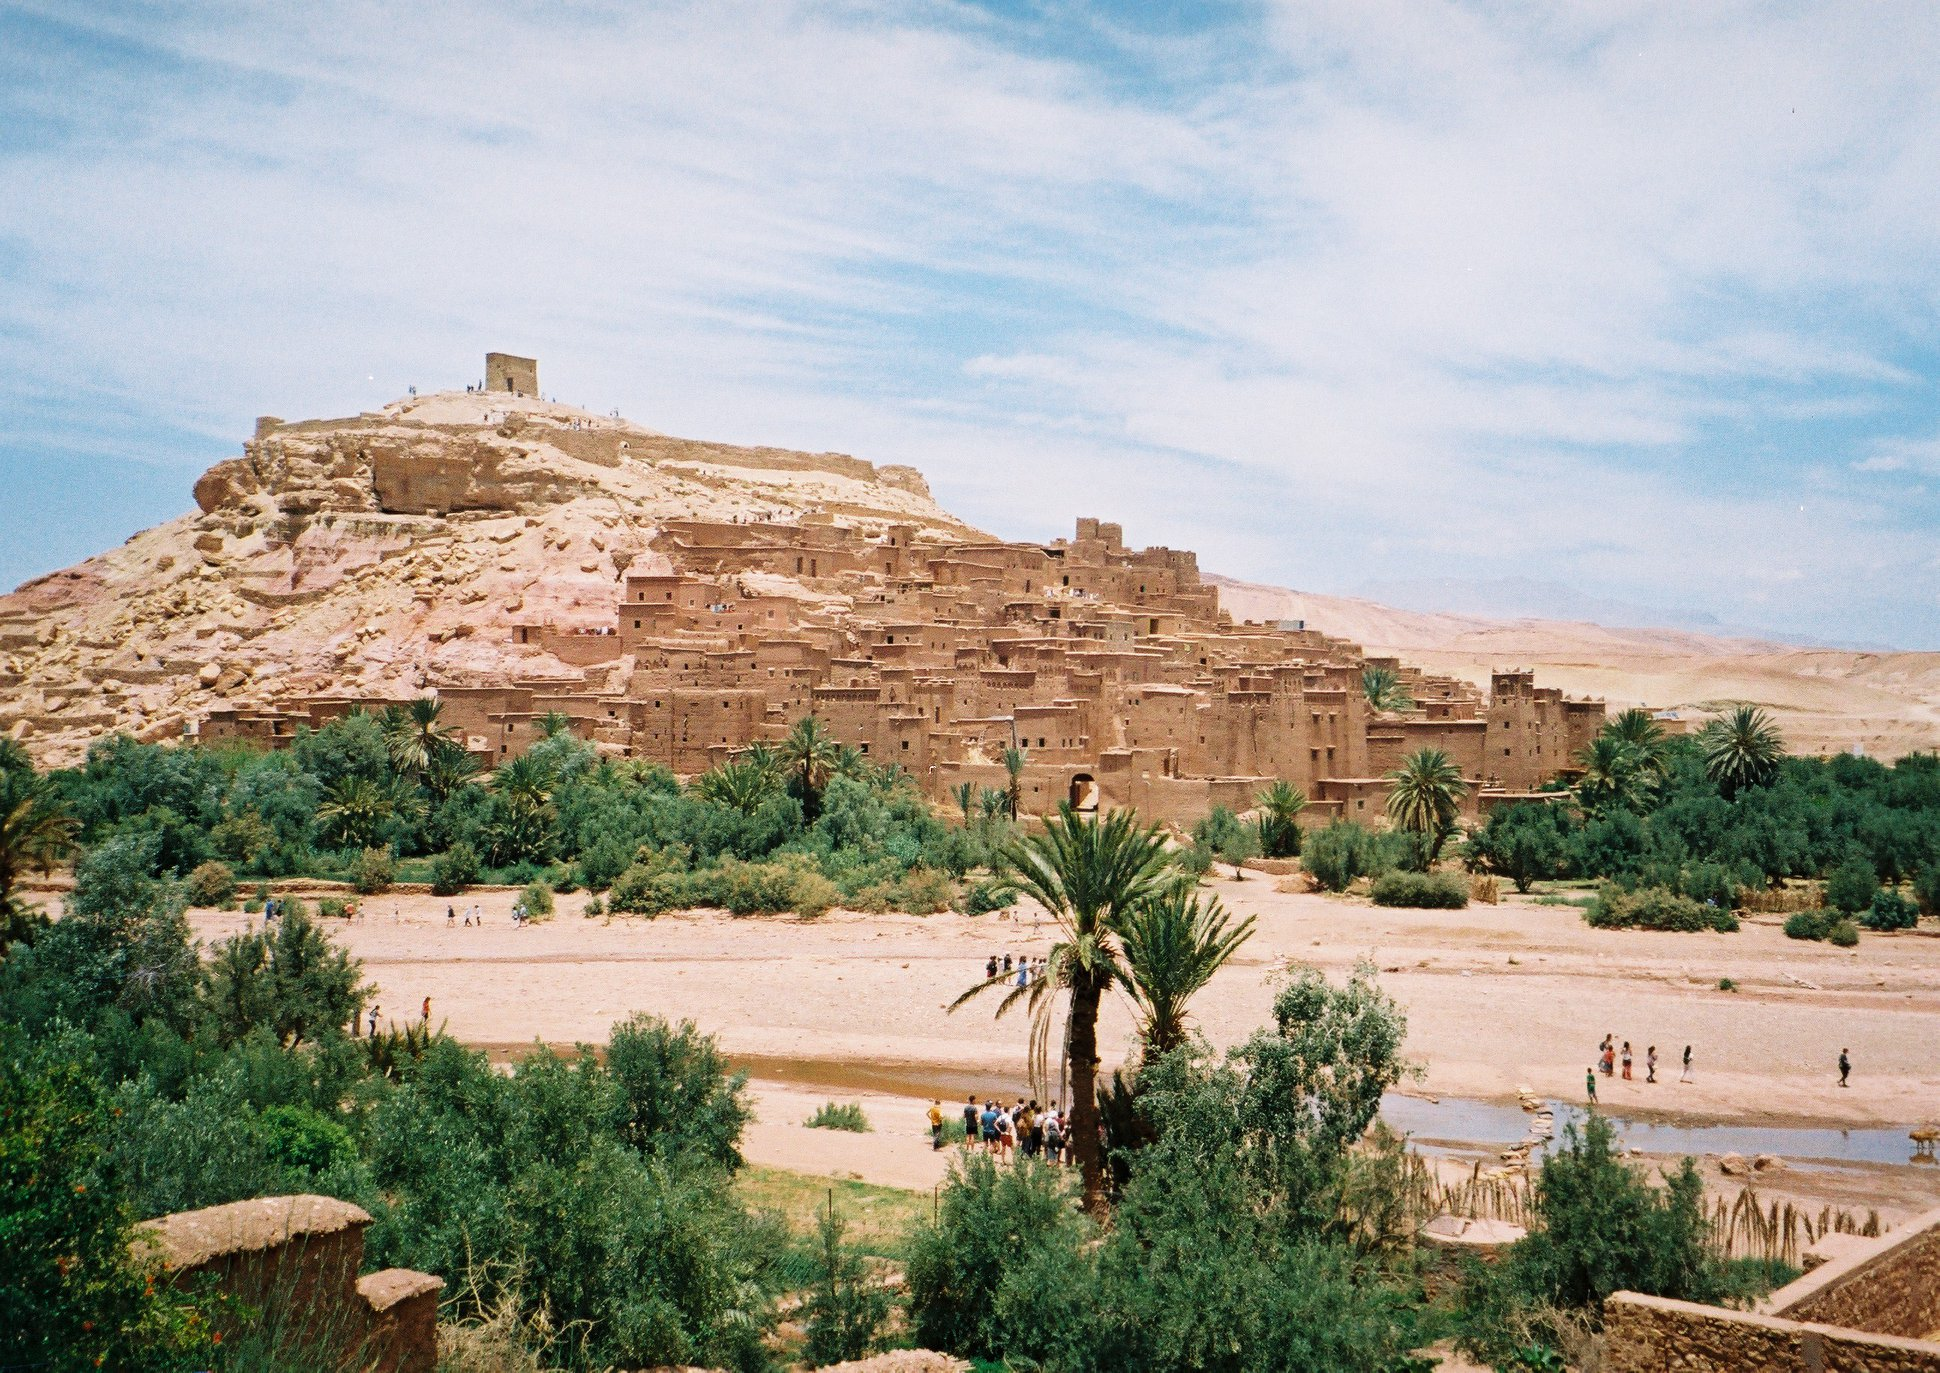 Марокко фото, Путешествие в Марокко, Горы Марокко фото